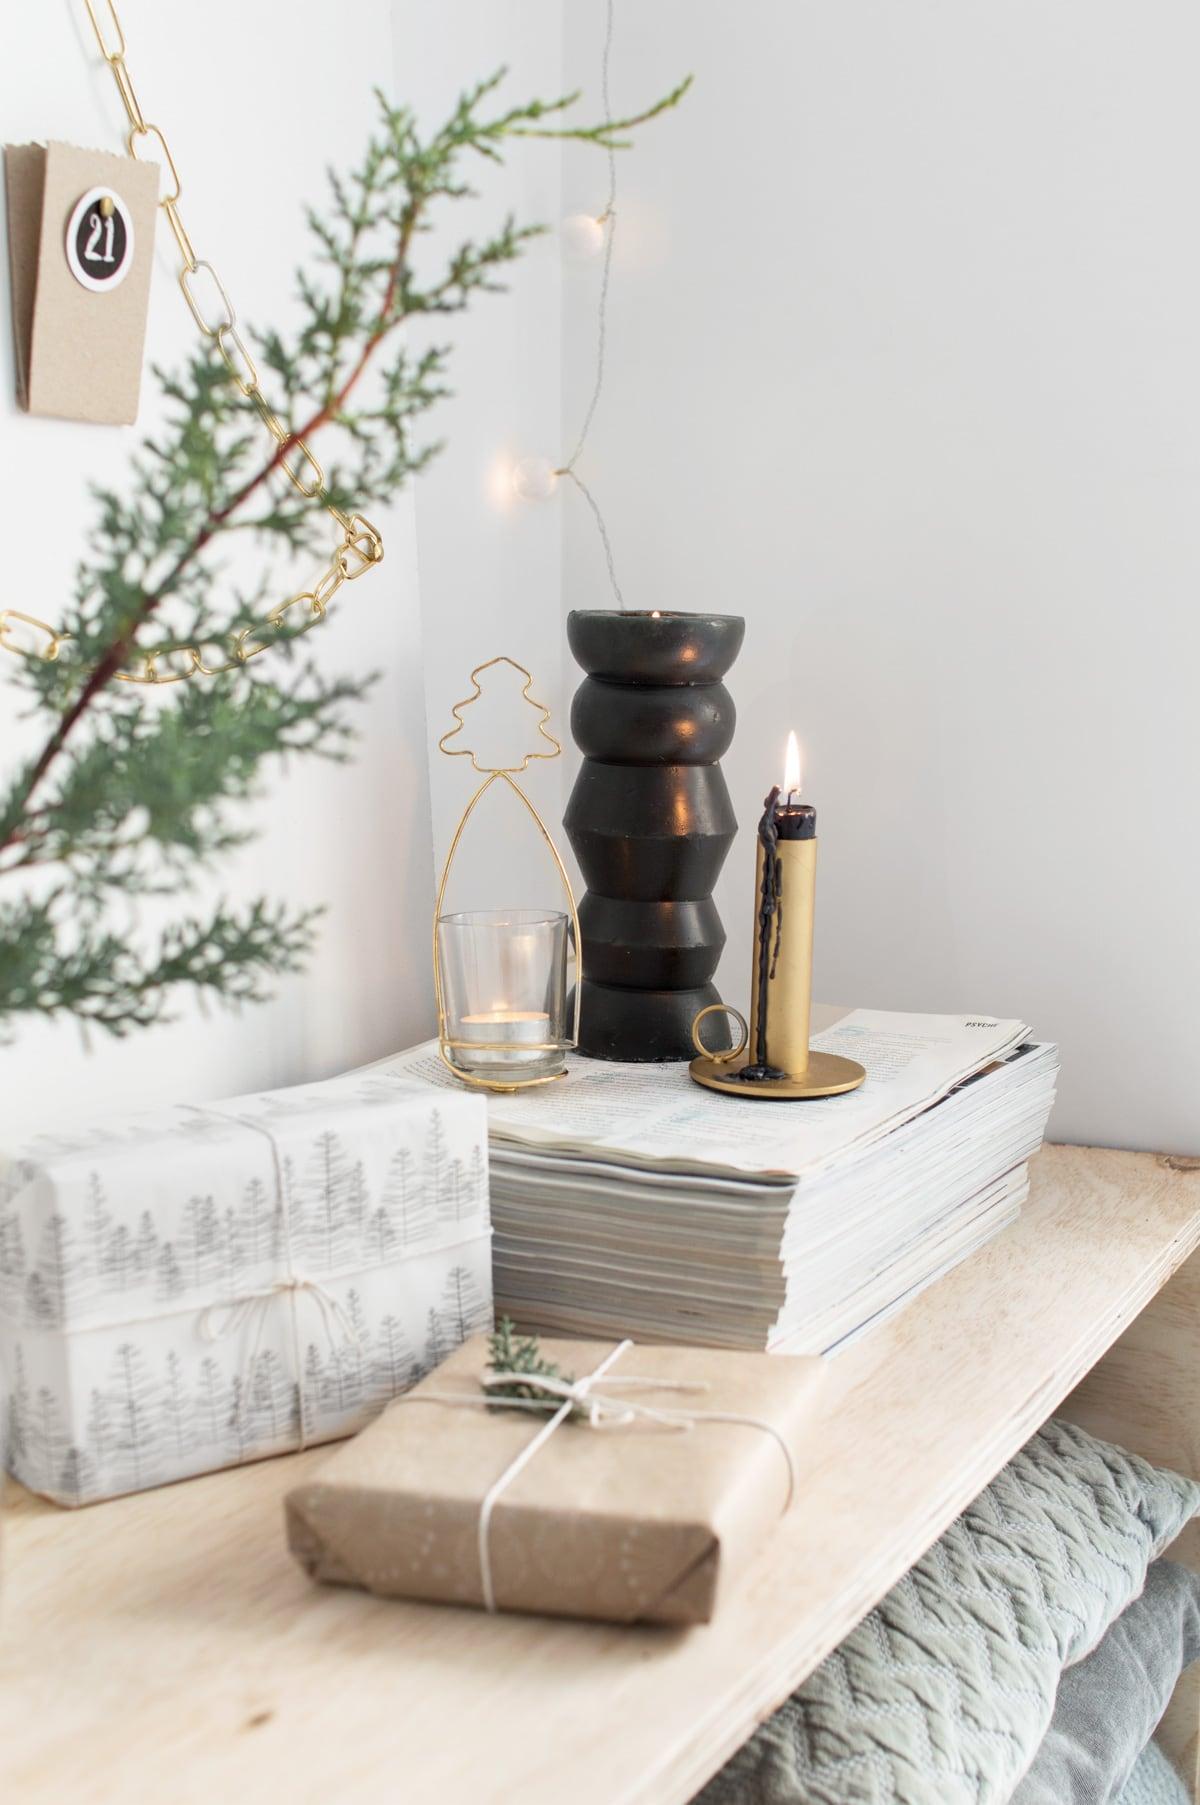 DIY adventdkalender KARWEI - Tanja van Hoogdalem